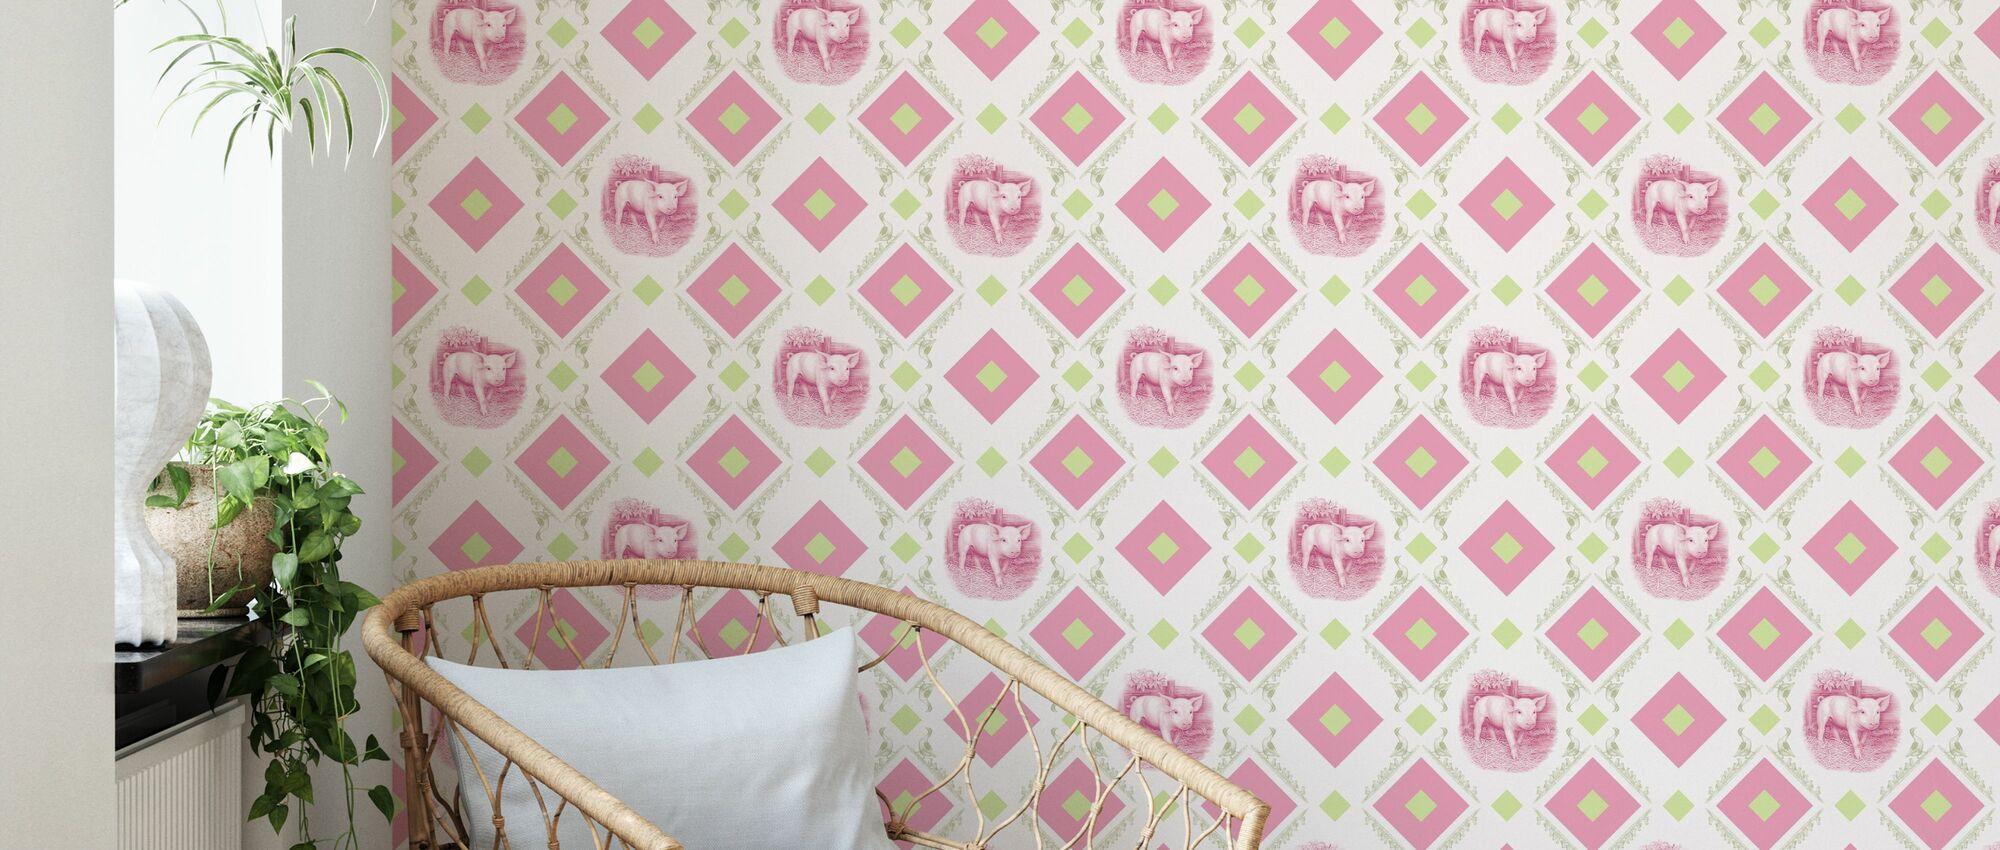 Pigglet - Gooseframe - Pink Green - Wallpaper - Living Room